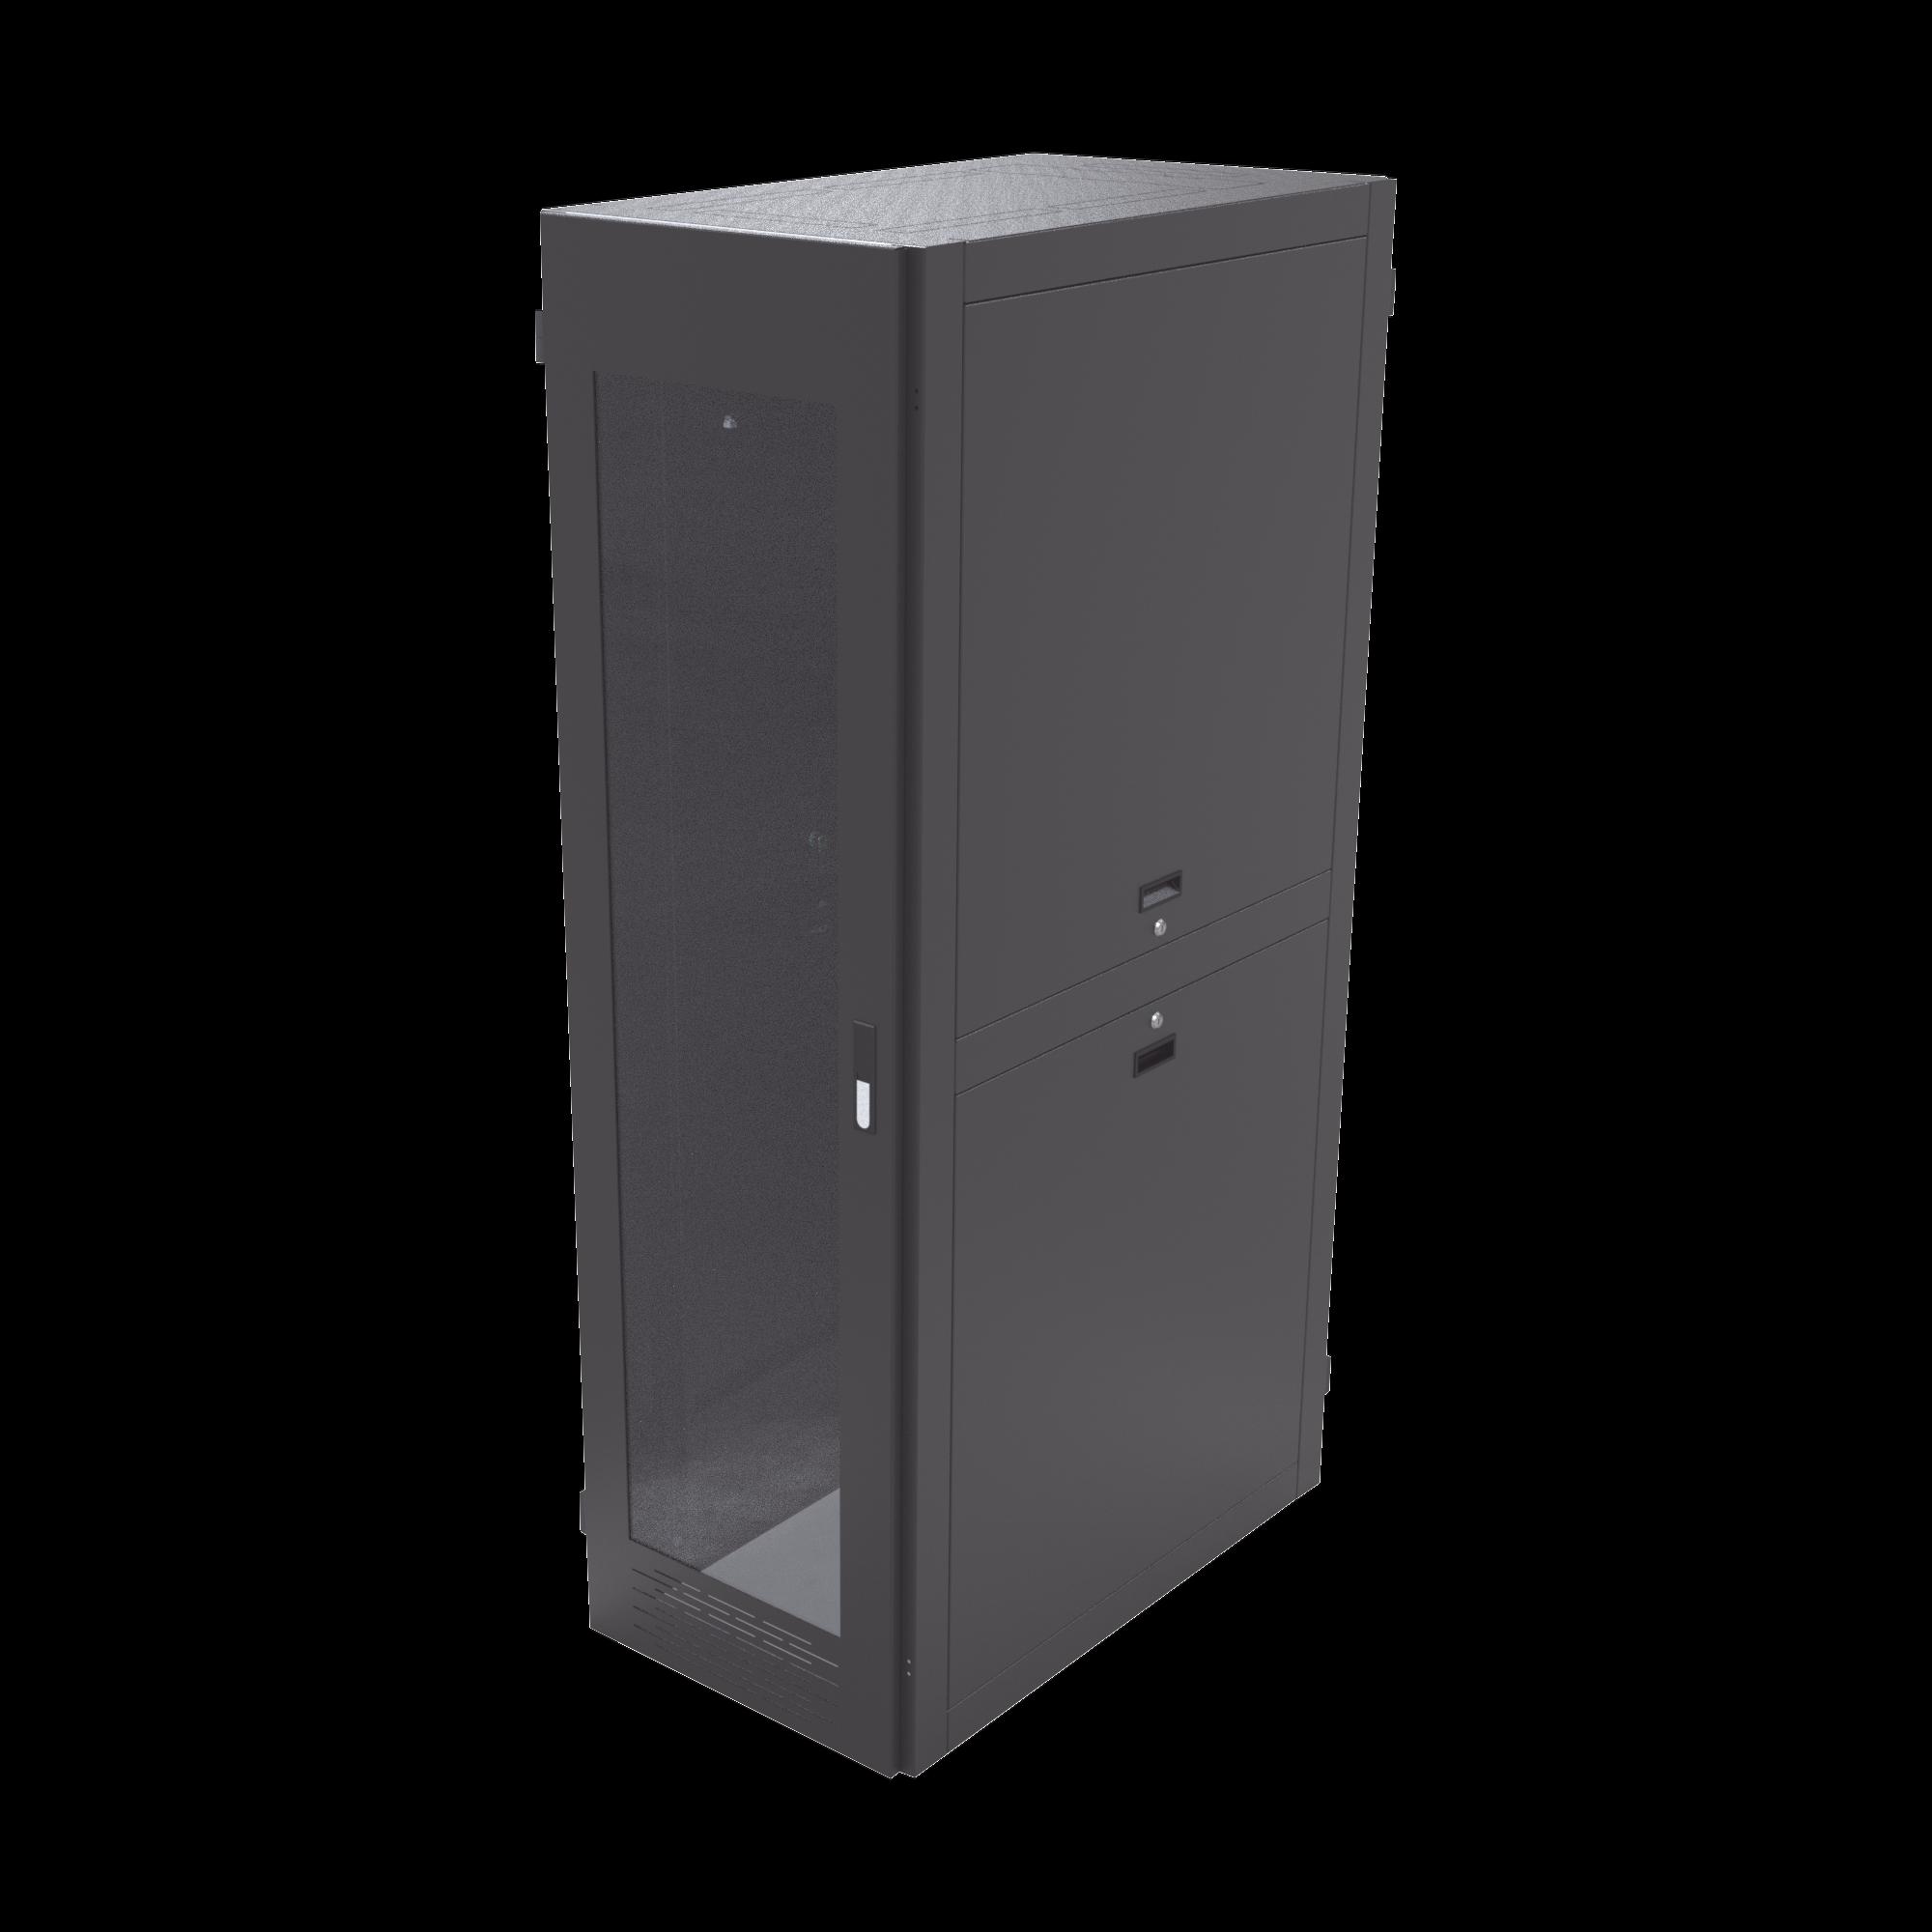 Gabinete para Telecomunicaciones Rack Estándar de 19, 42UR, 600 mm Ancho x 1000 mm Profundidad. Fabricado en Acero.